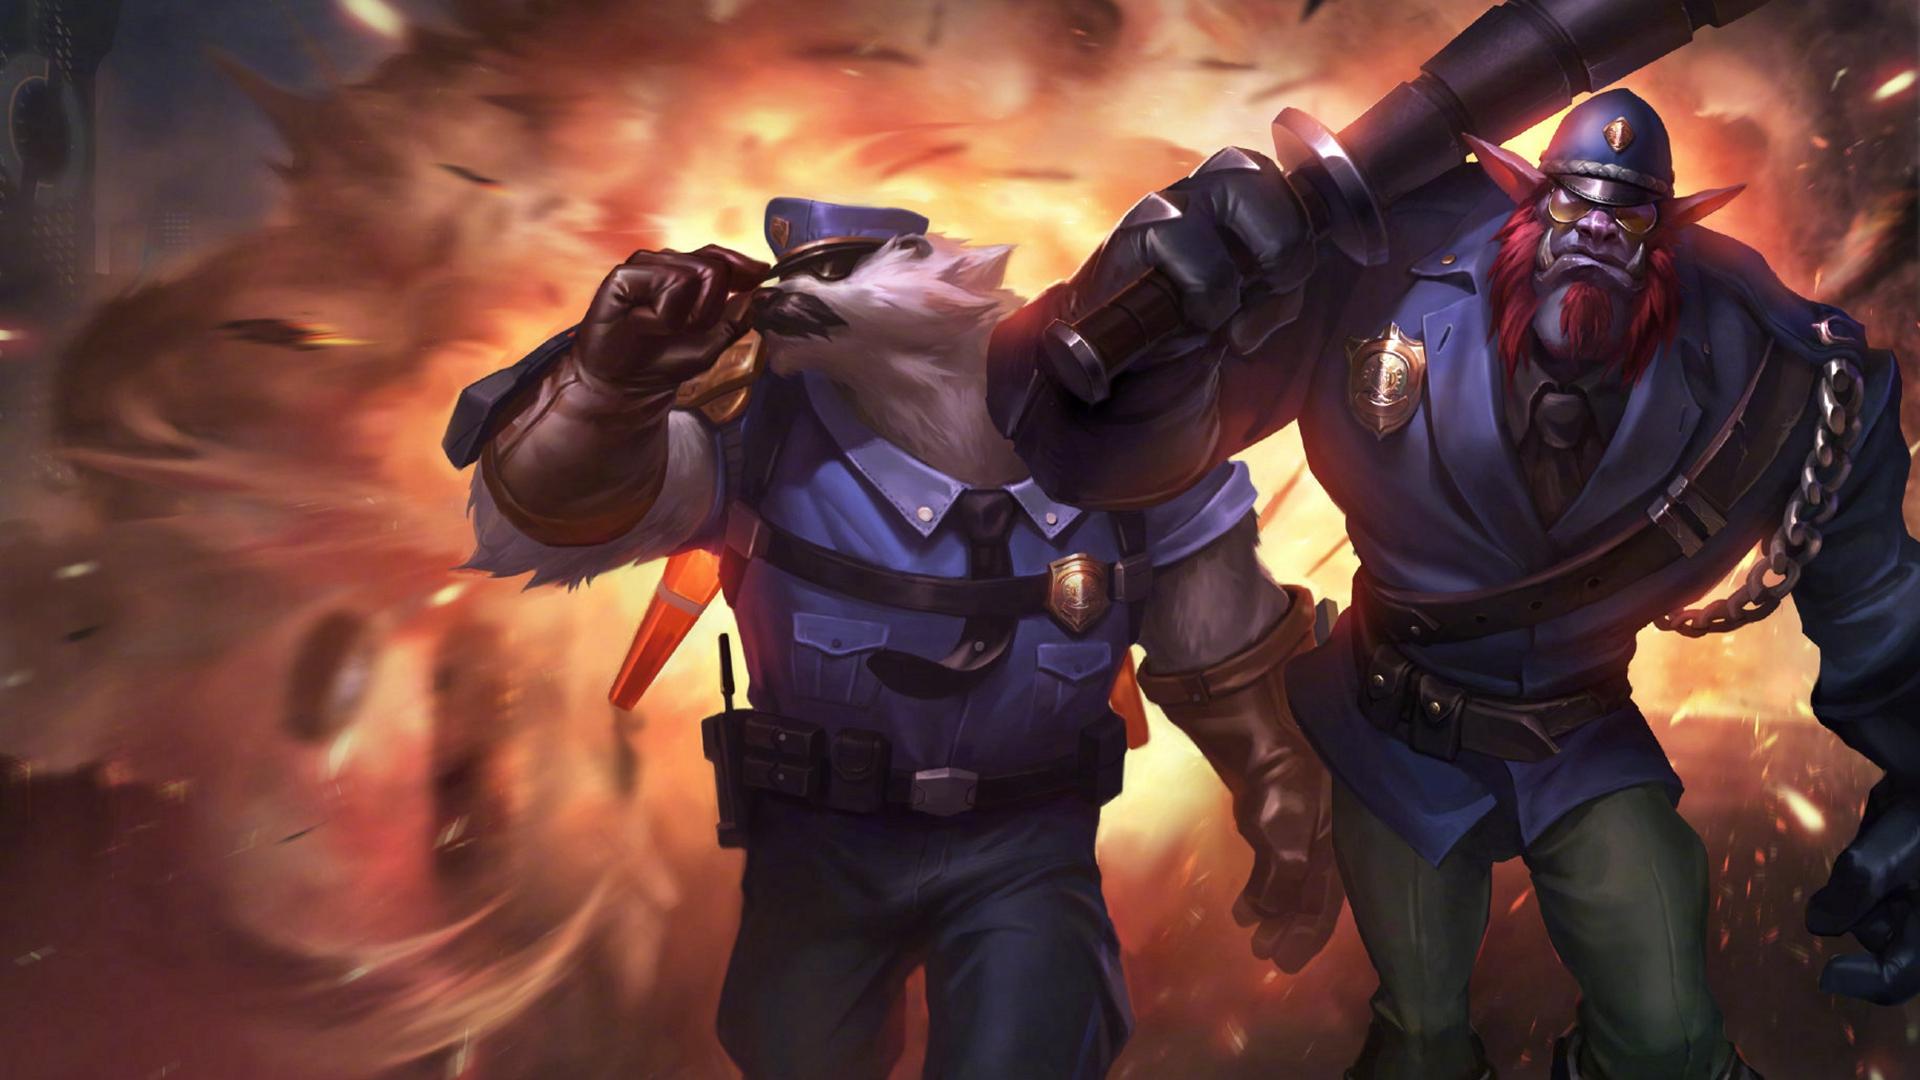 lol欧洲中单_英雄联盟狗熊重做原画图片_LOL高清图片大全_牛撸网